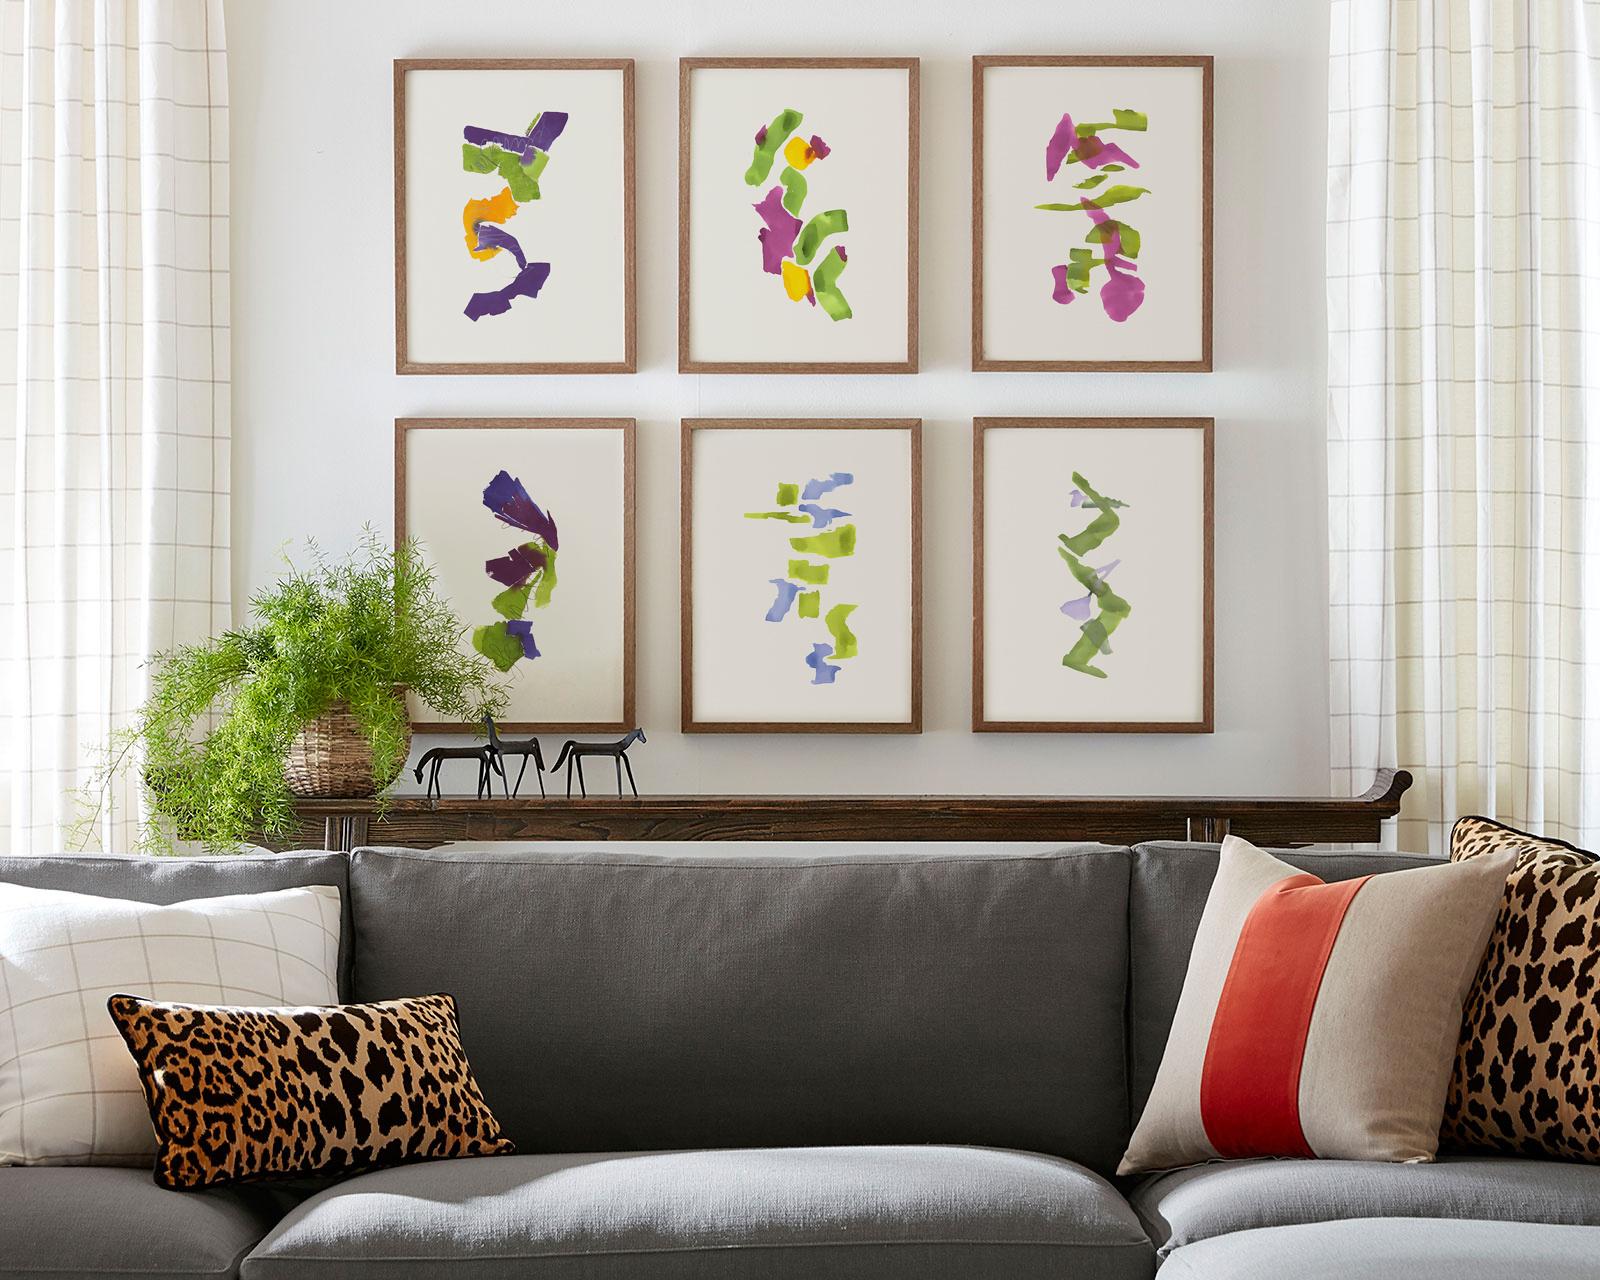 Color Studies Gallerie Wall by Encarnacion Portal Rubio